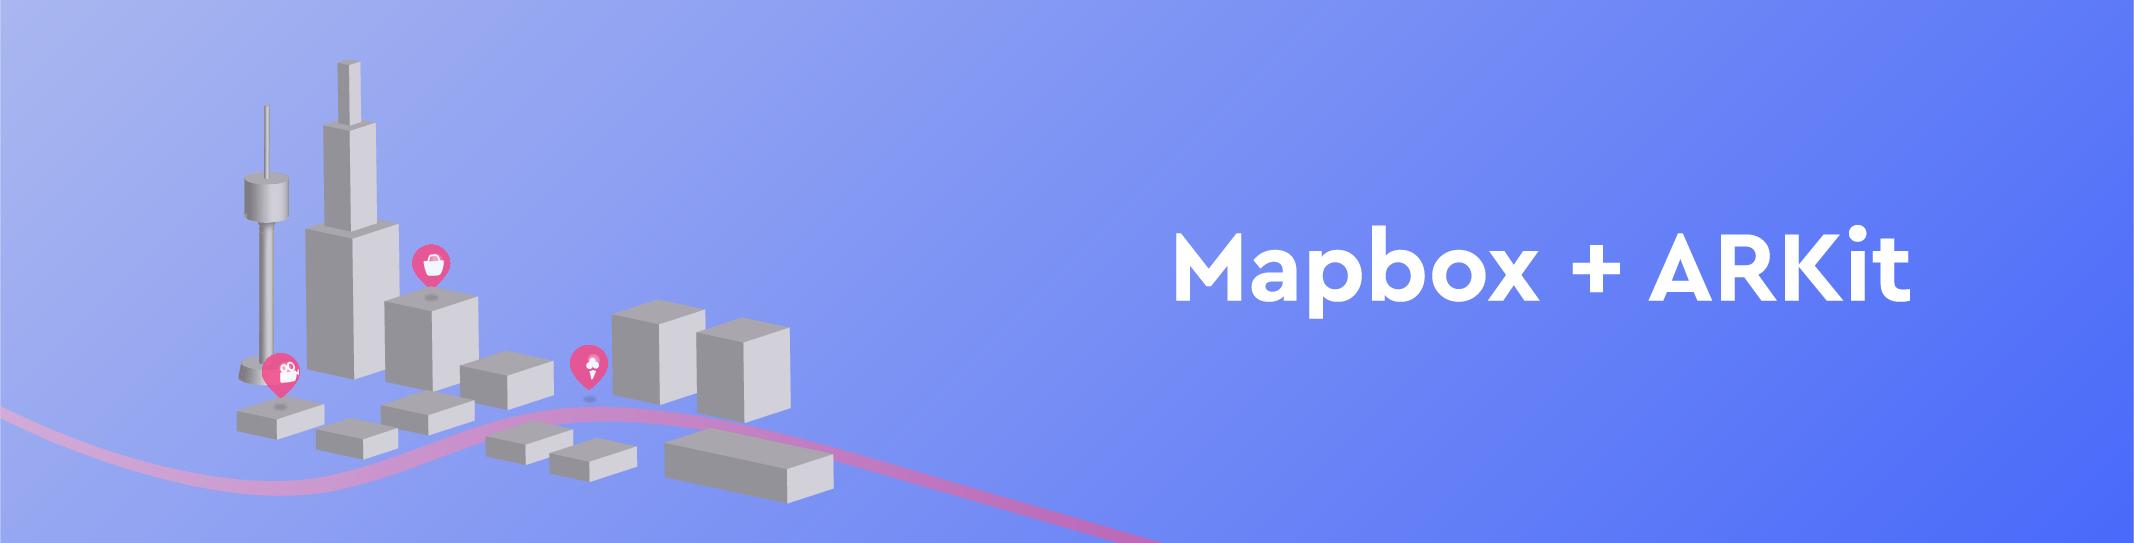 GitHub - mapbox/mapbox-arkit-ios: Utilities for combining